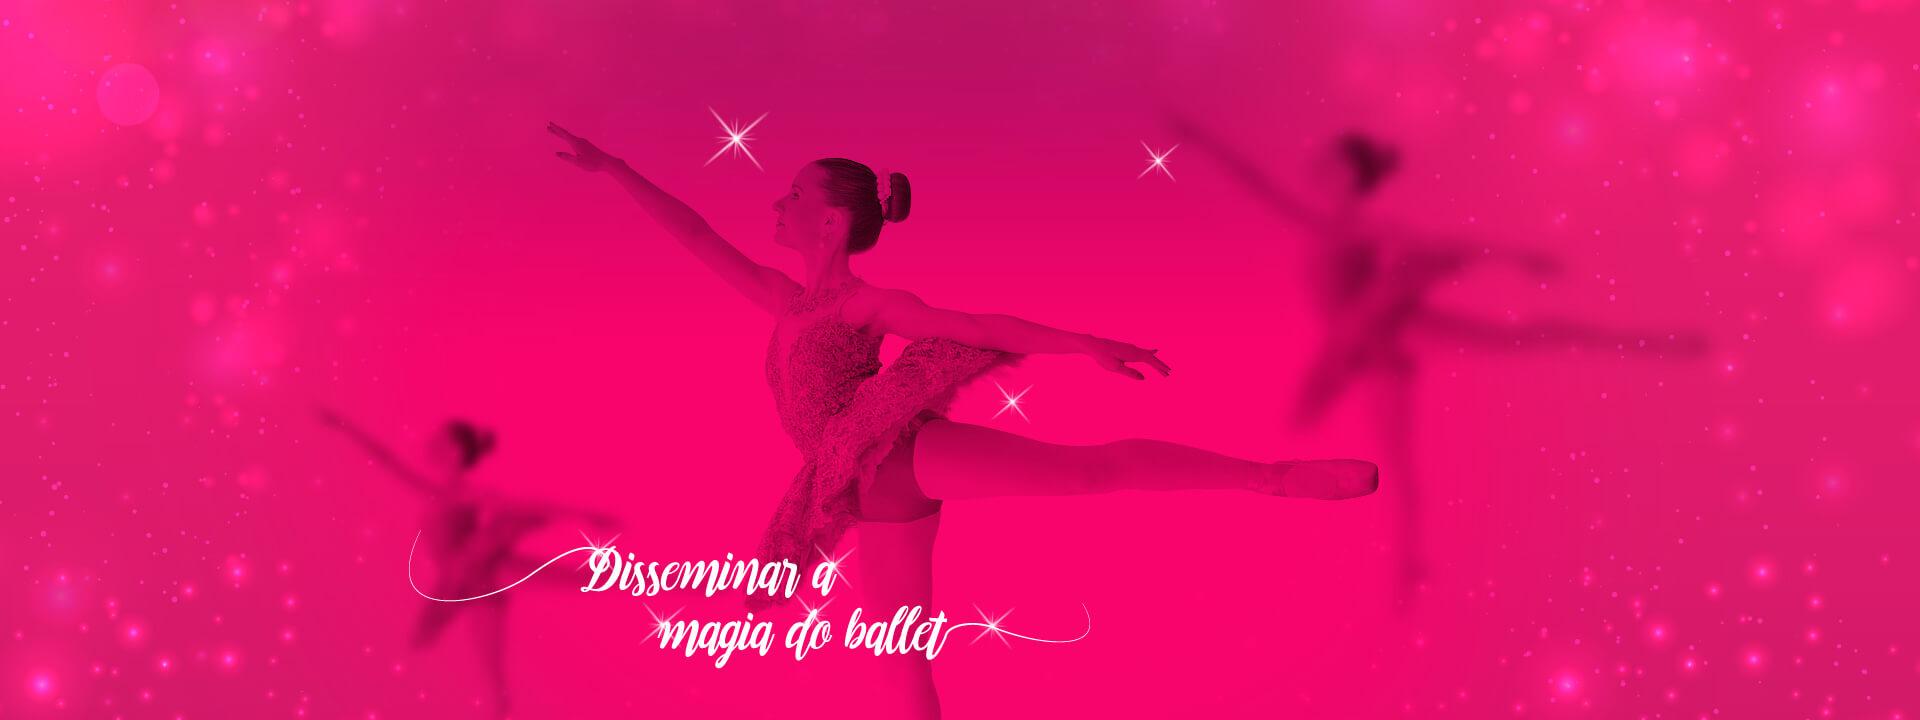 Disseminar a magia do Ballet